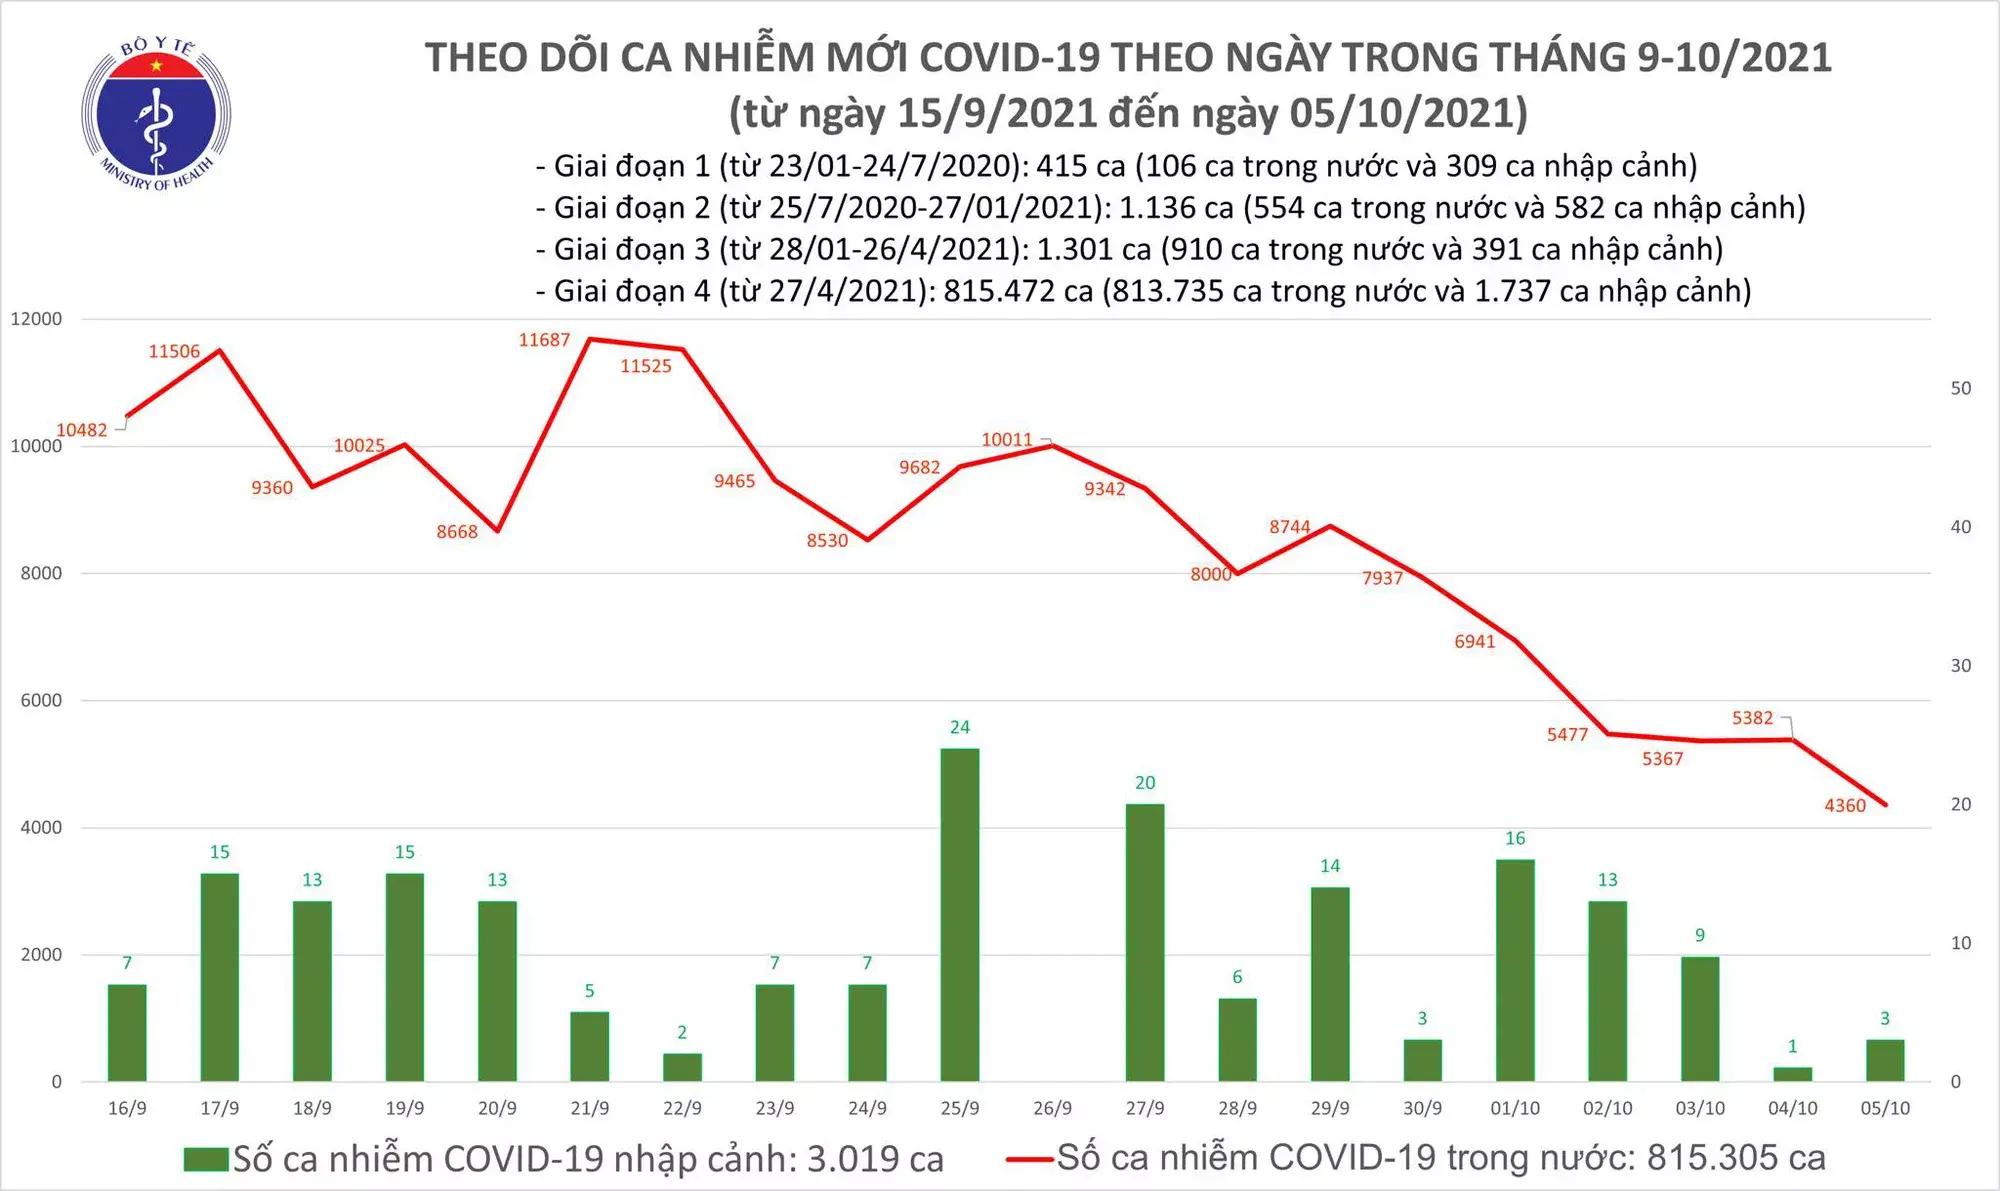 Cả nước ghi nhận 4.363 ca mắc mới COVID-19, giảm hơn 1.000 ca so với hôm qua - 1